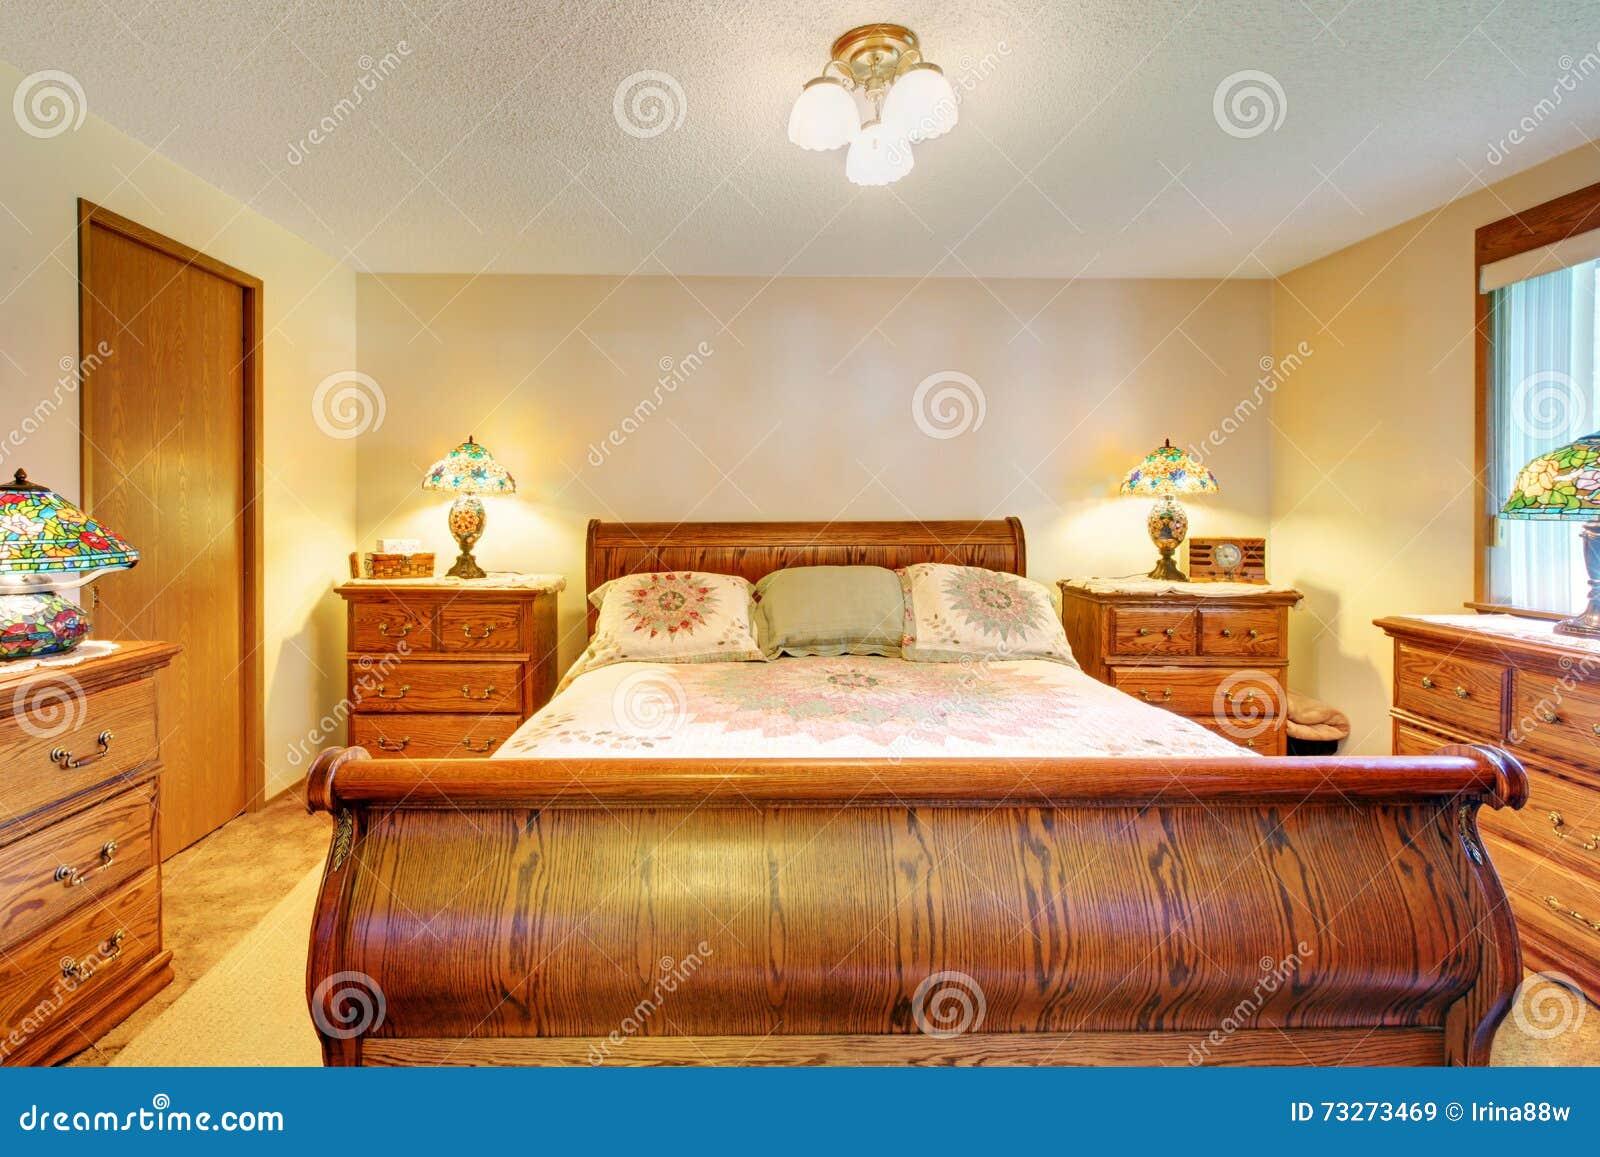 Camera Da Letto Legno Chiaro : Camera da letto accogliente con linsieme di legno marrone chiaro